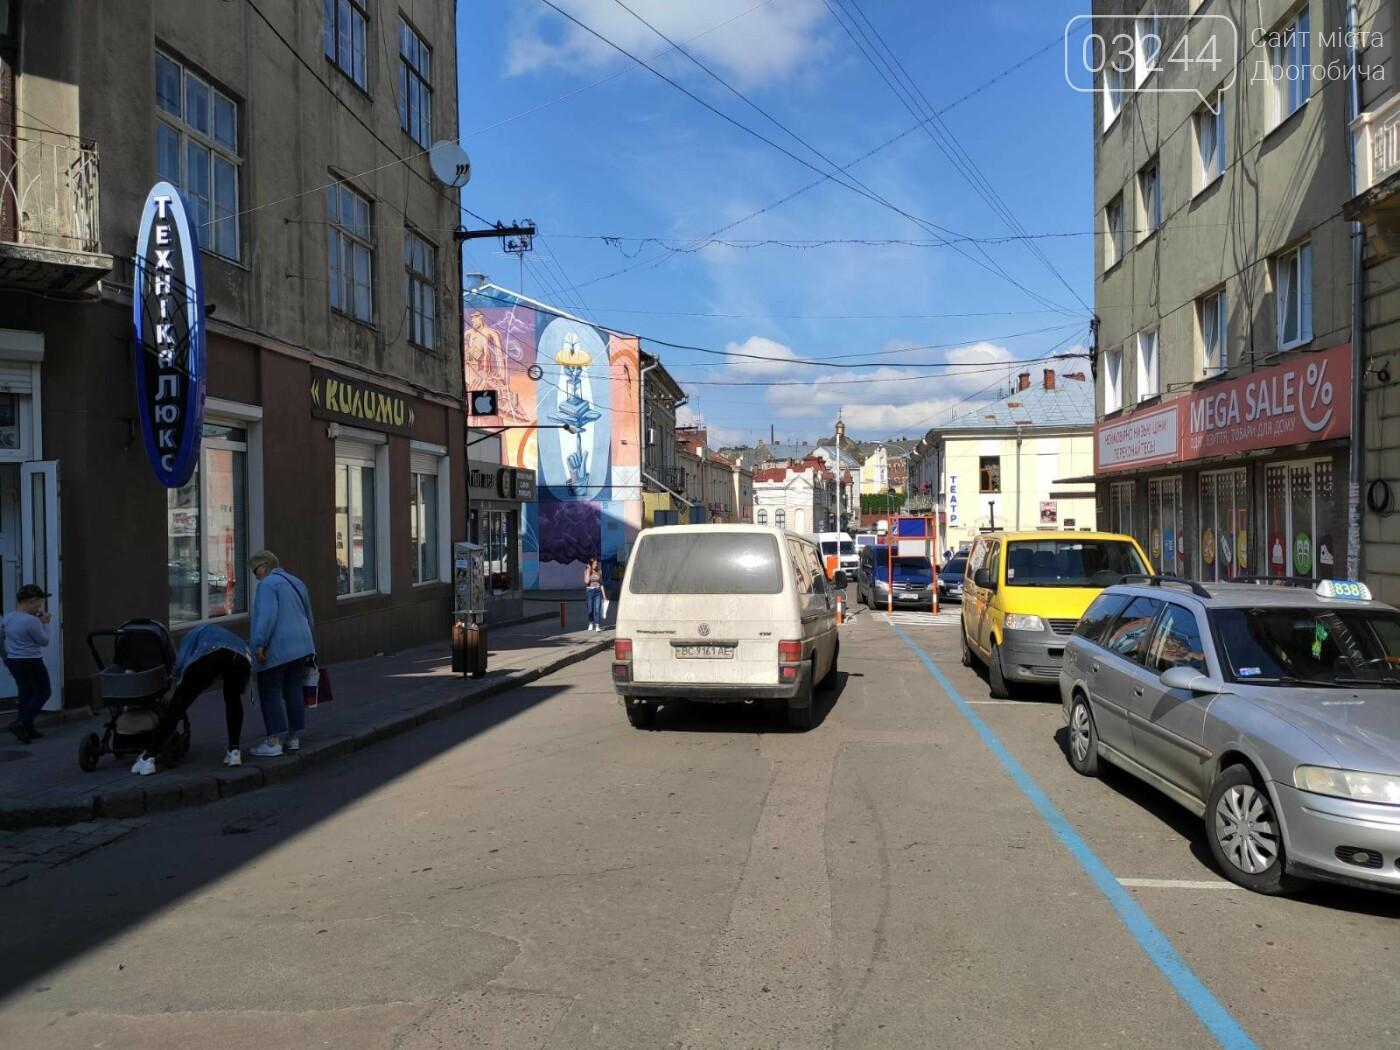 Фото дня. У Дрогобичі, на вулиці Мазепи, знову не працює шлагбаум паркувальної системи, фото-4